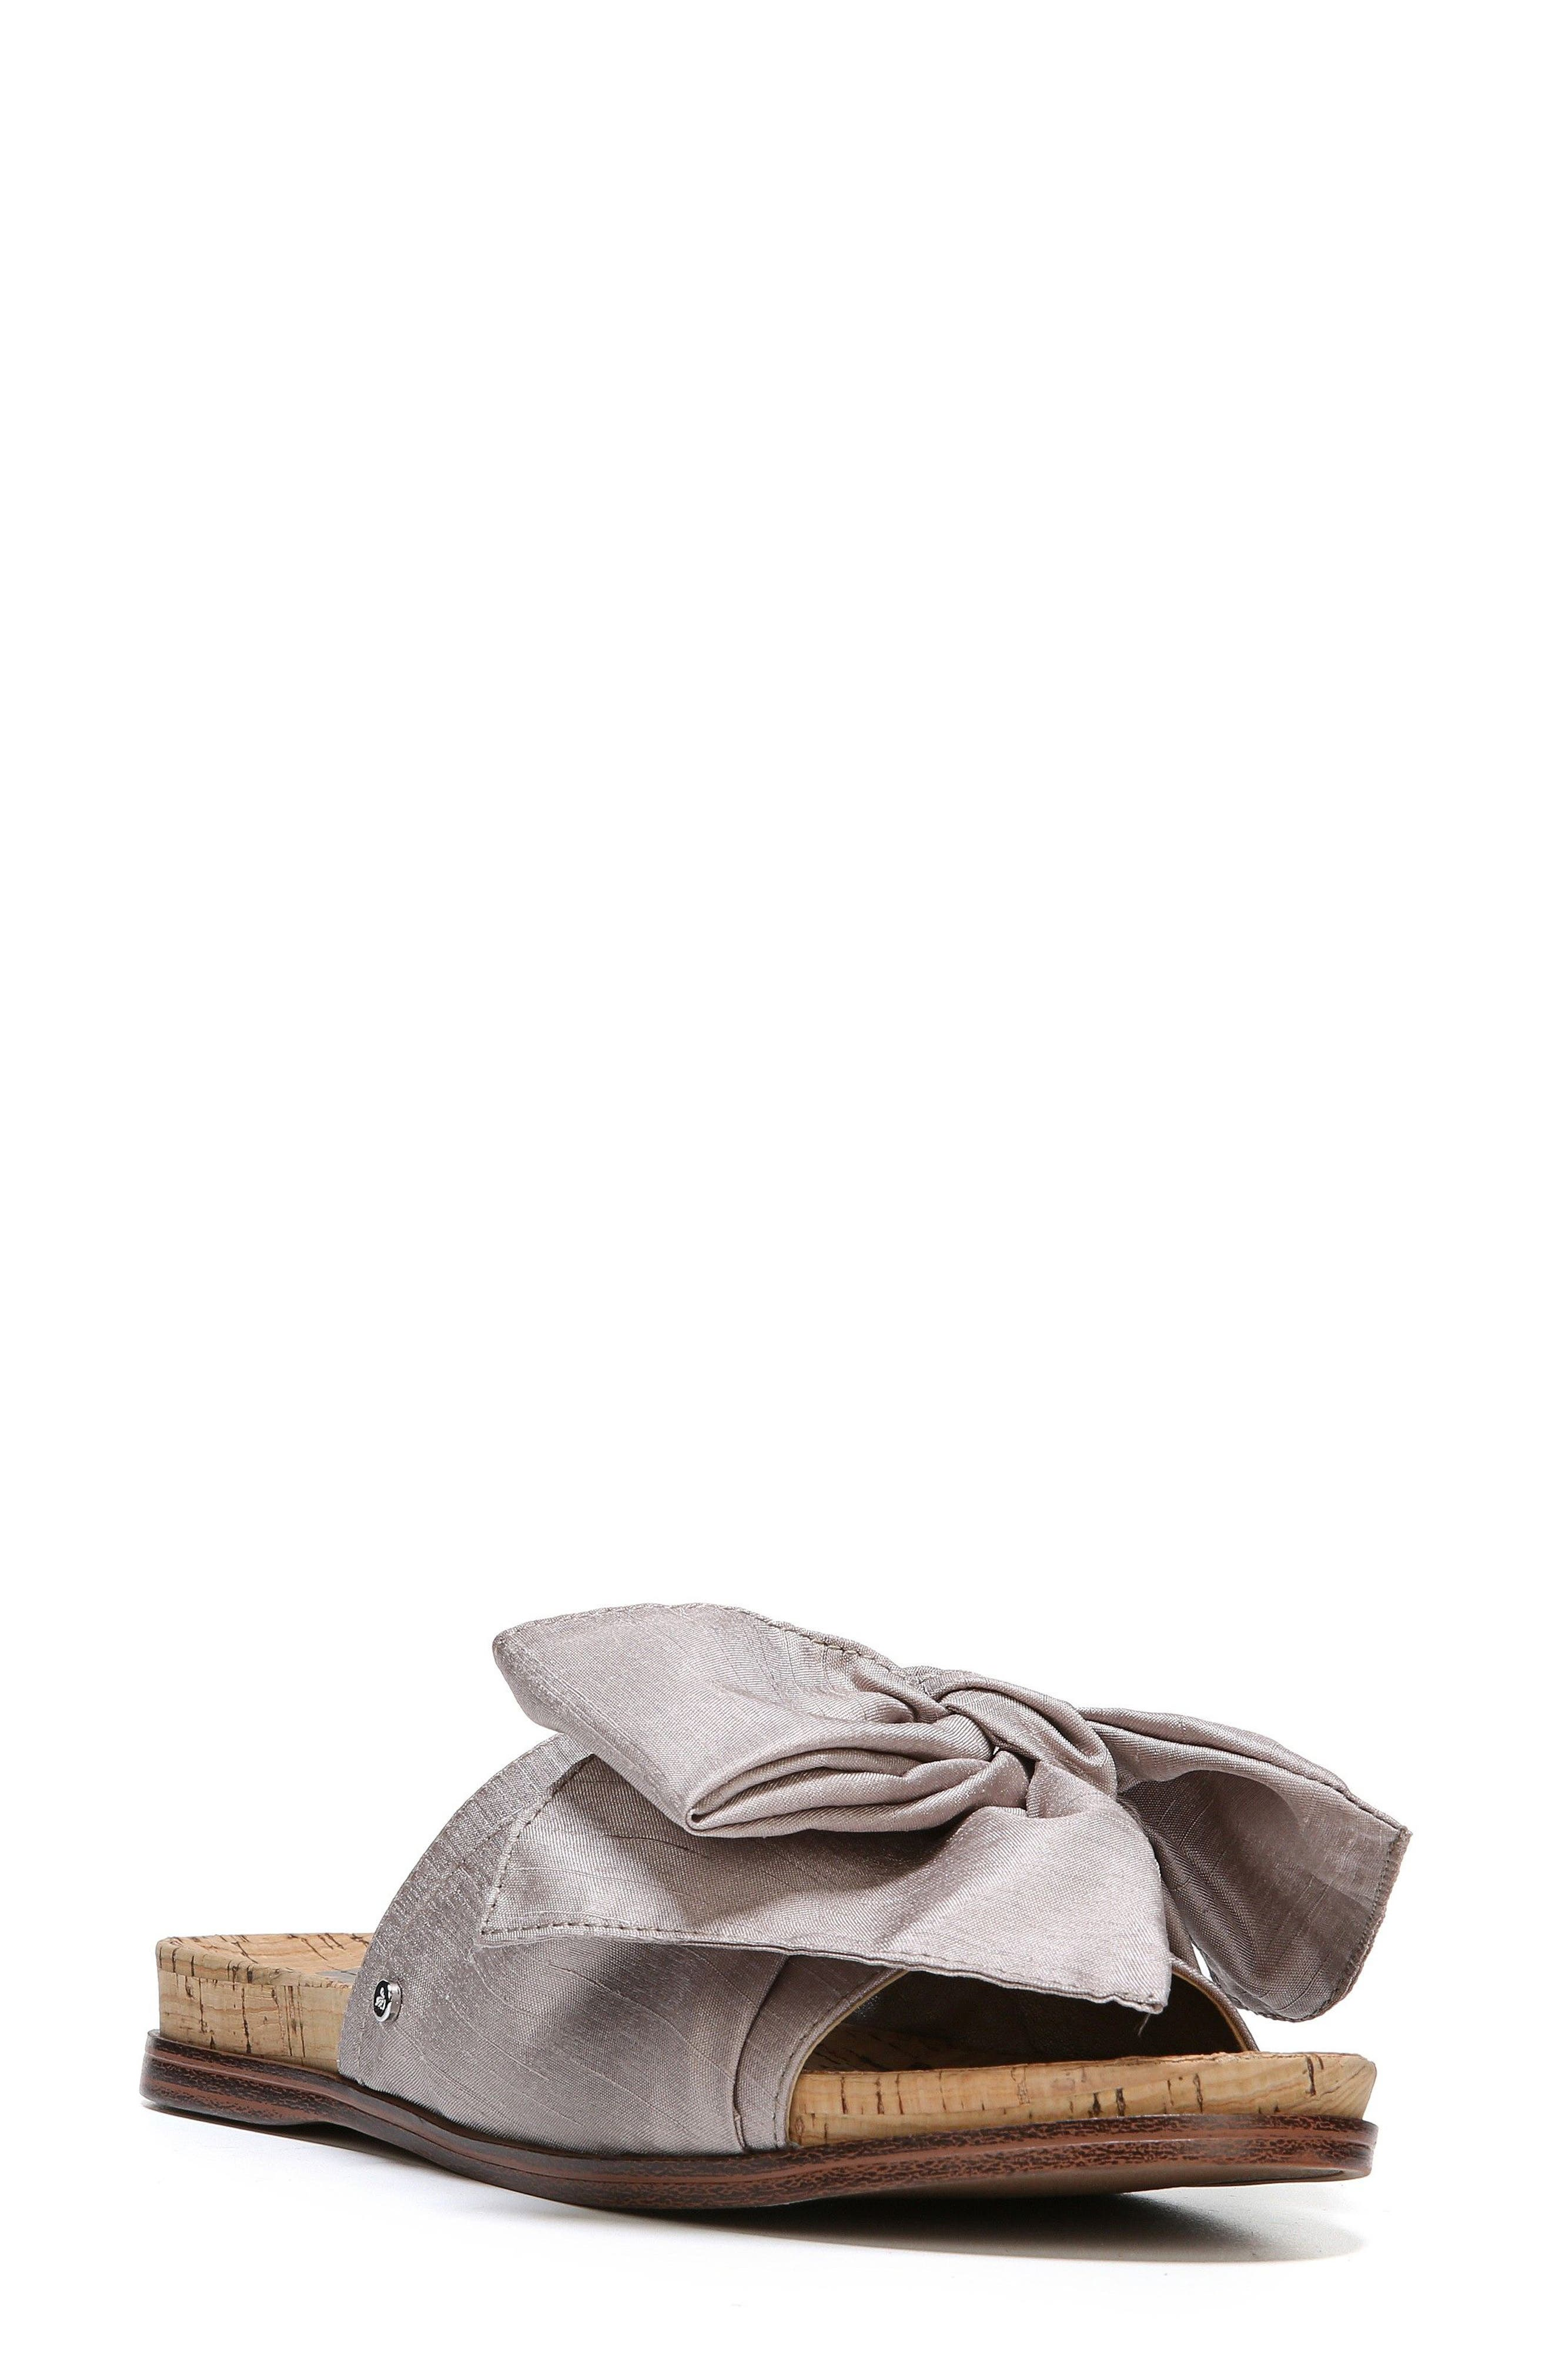 Alternate Image 1 Selected - Sam Edelman Henna Slide Sandal (Women)